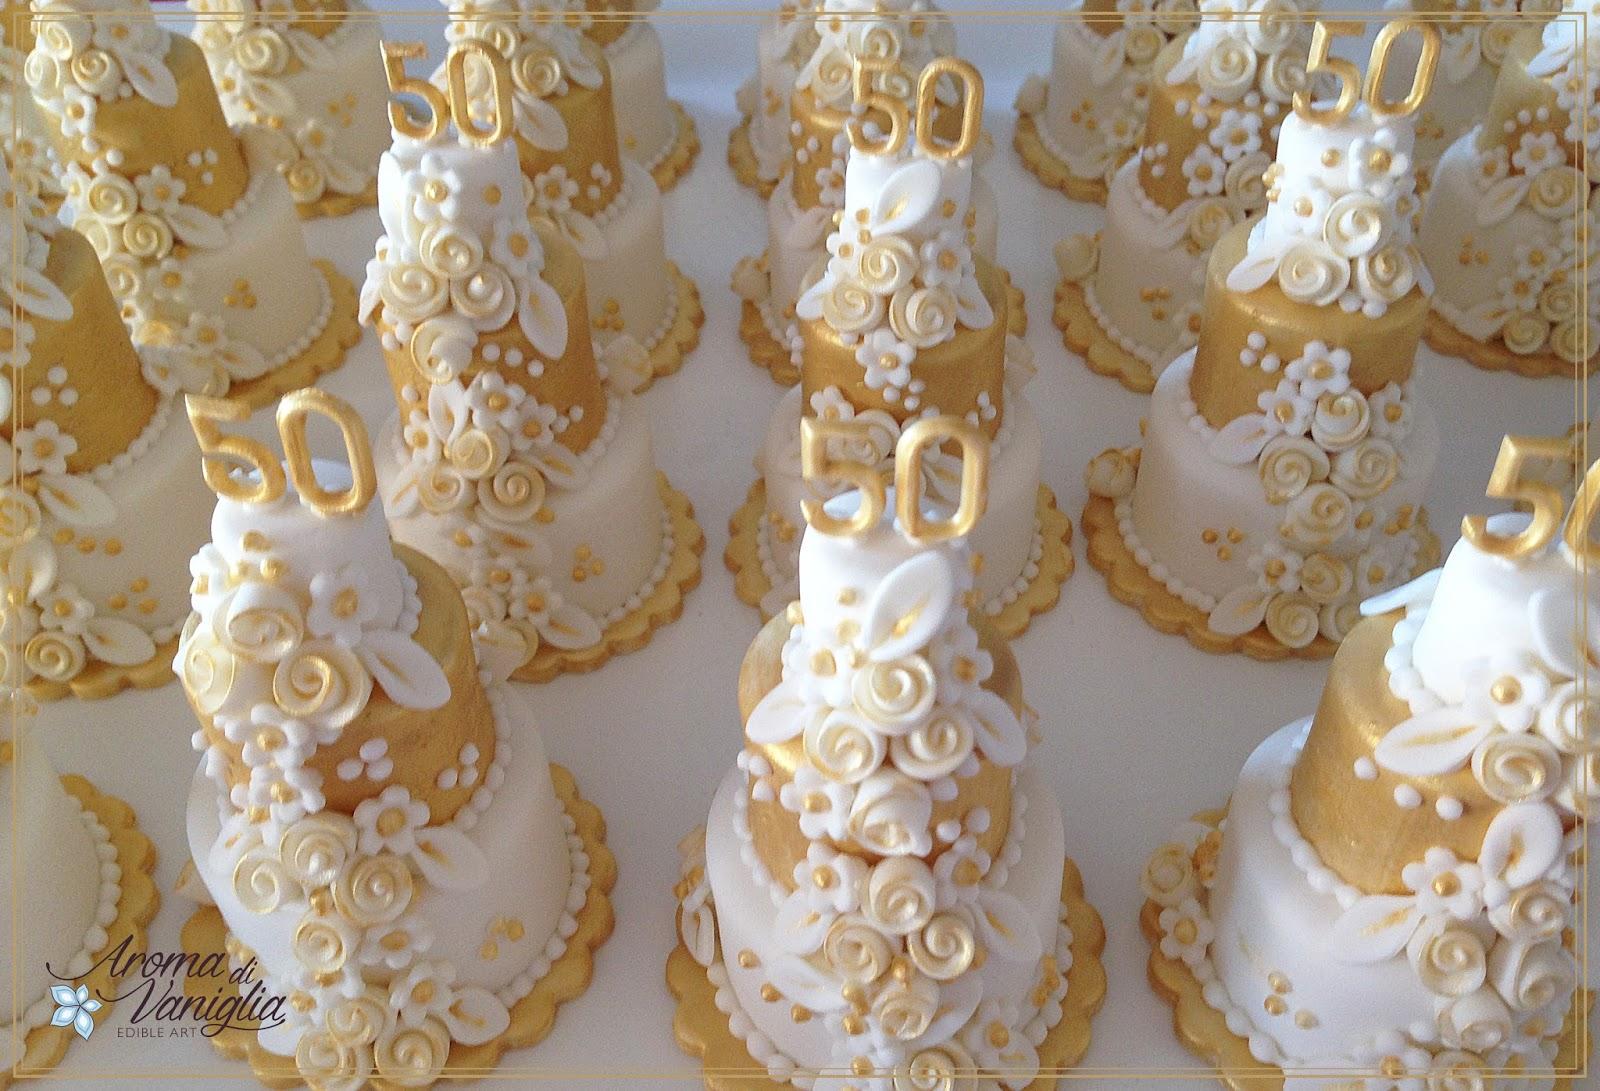 Aroma di vaniglia nozze d 39 oro for Decorazioni torte per 60 anni di matrimonio